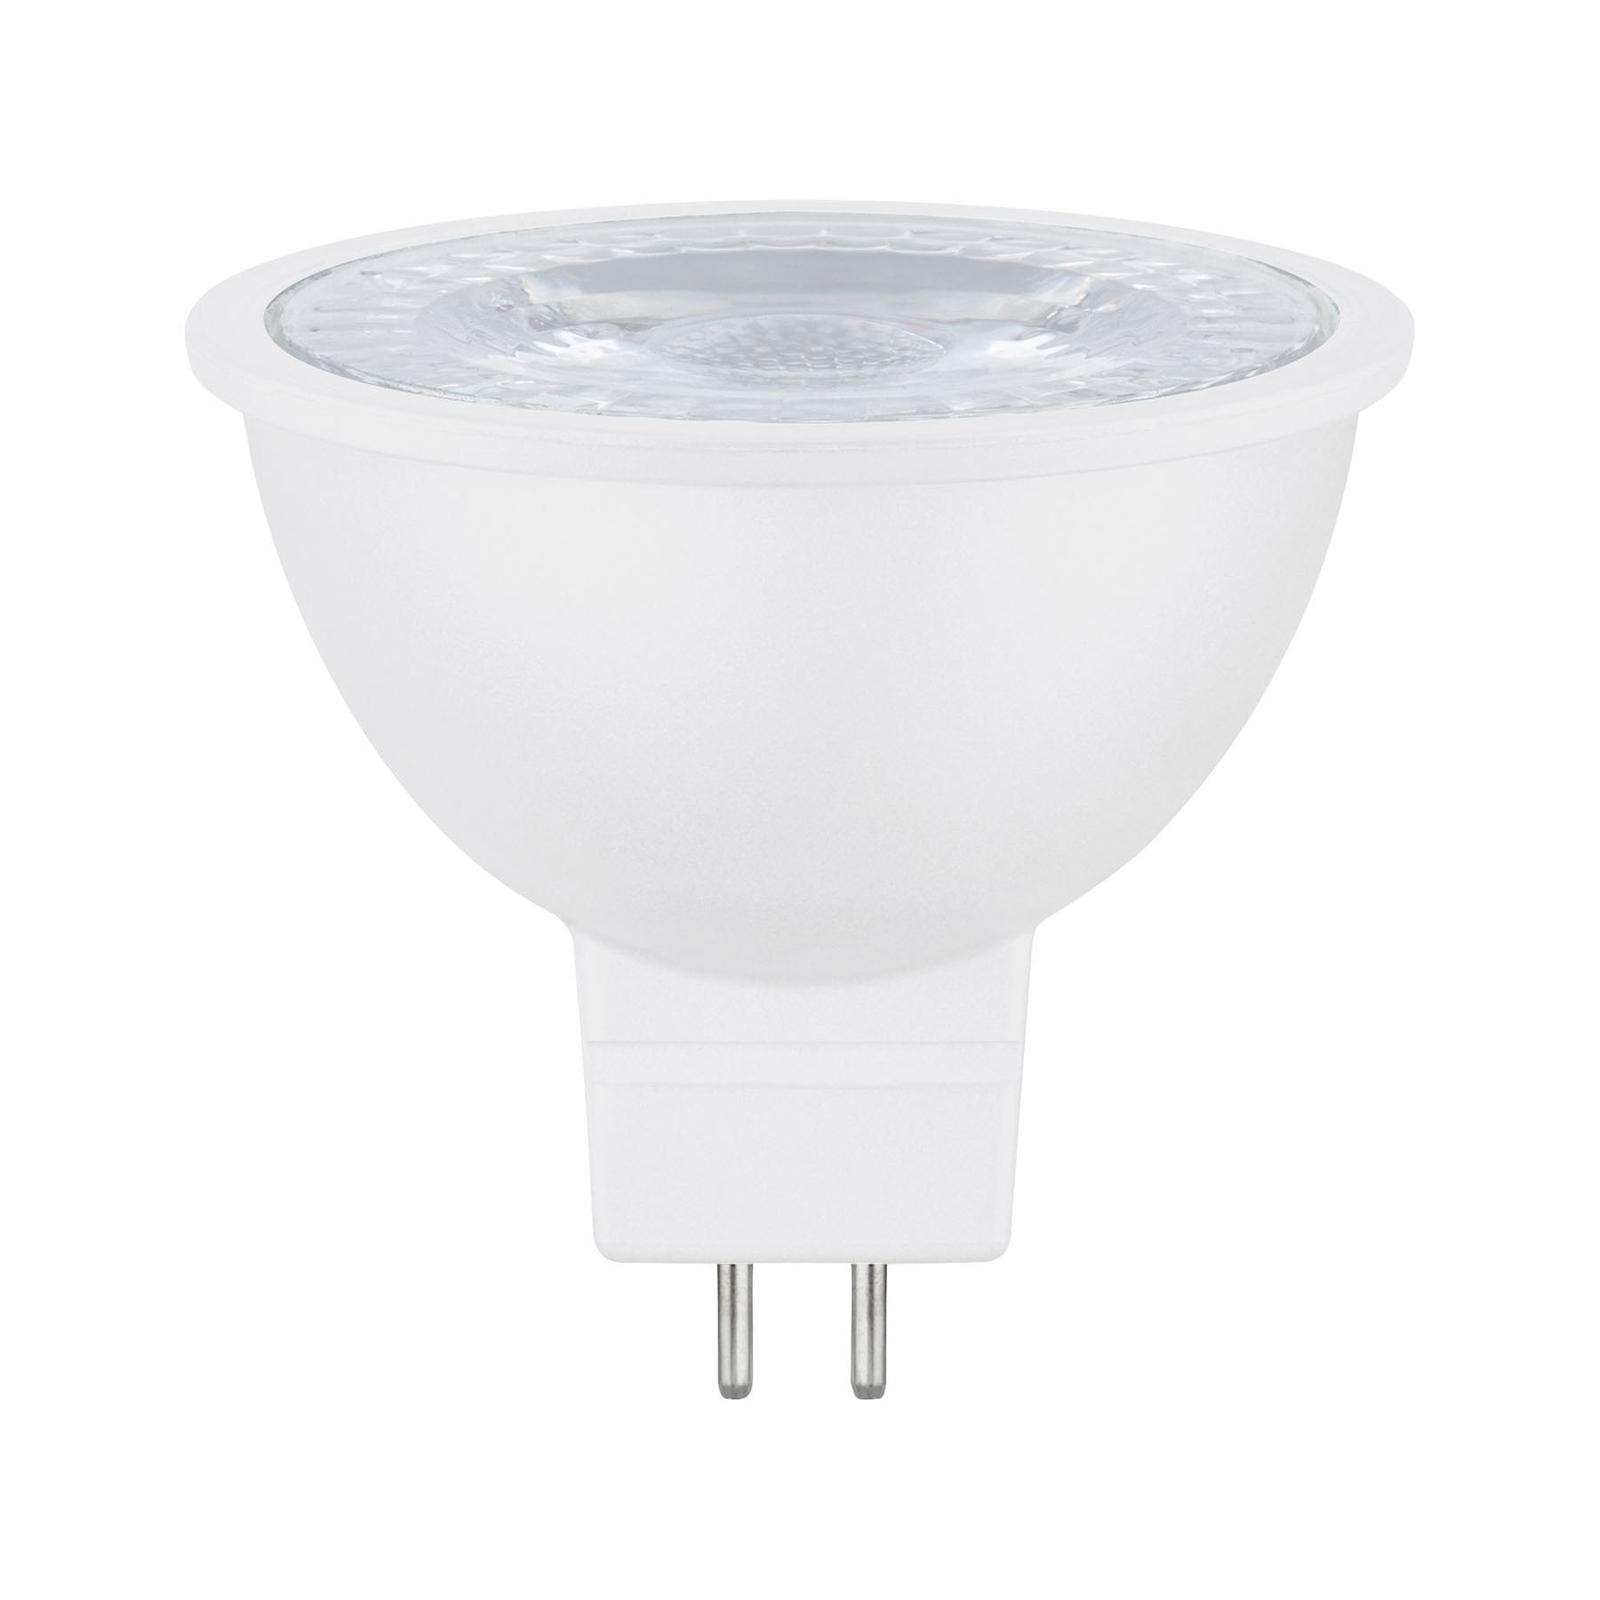 Paulmann LED-reflektor GU5,3 6,5W, 827 dim hvit